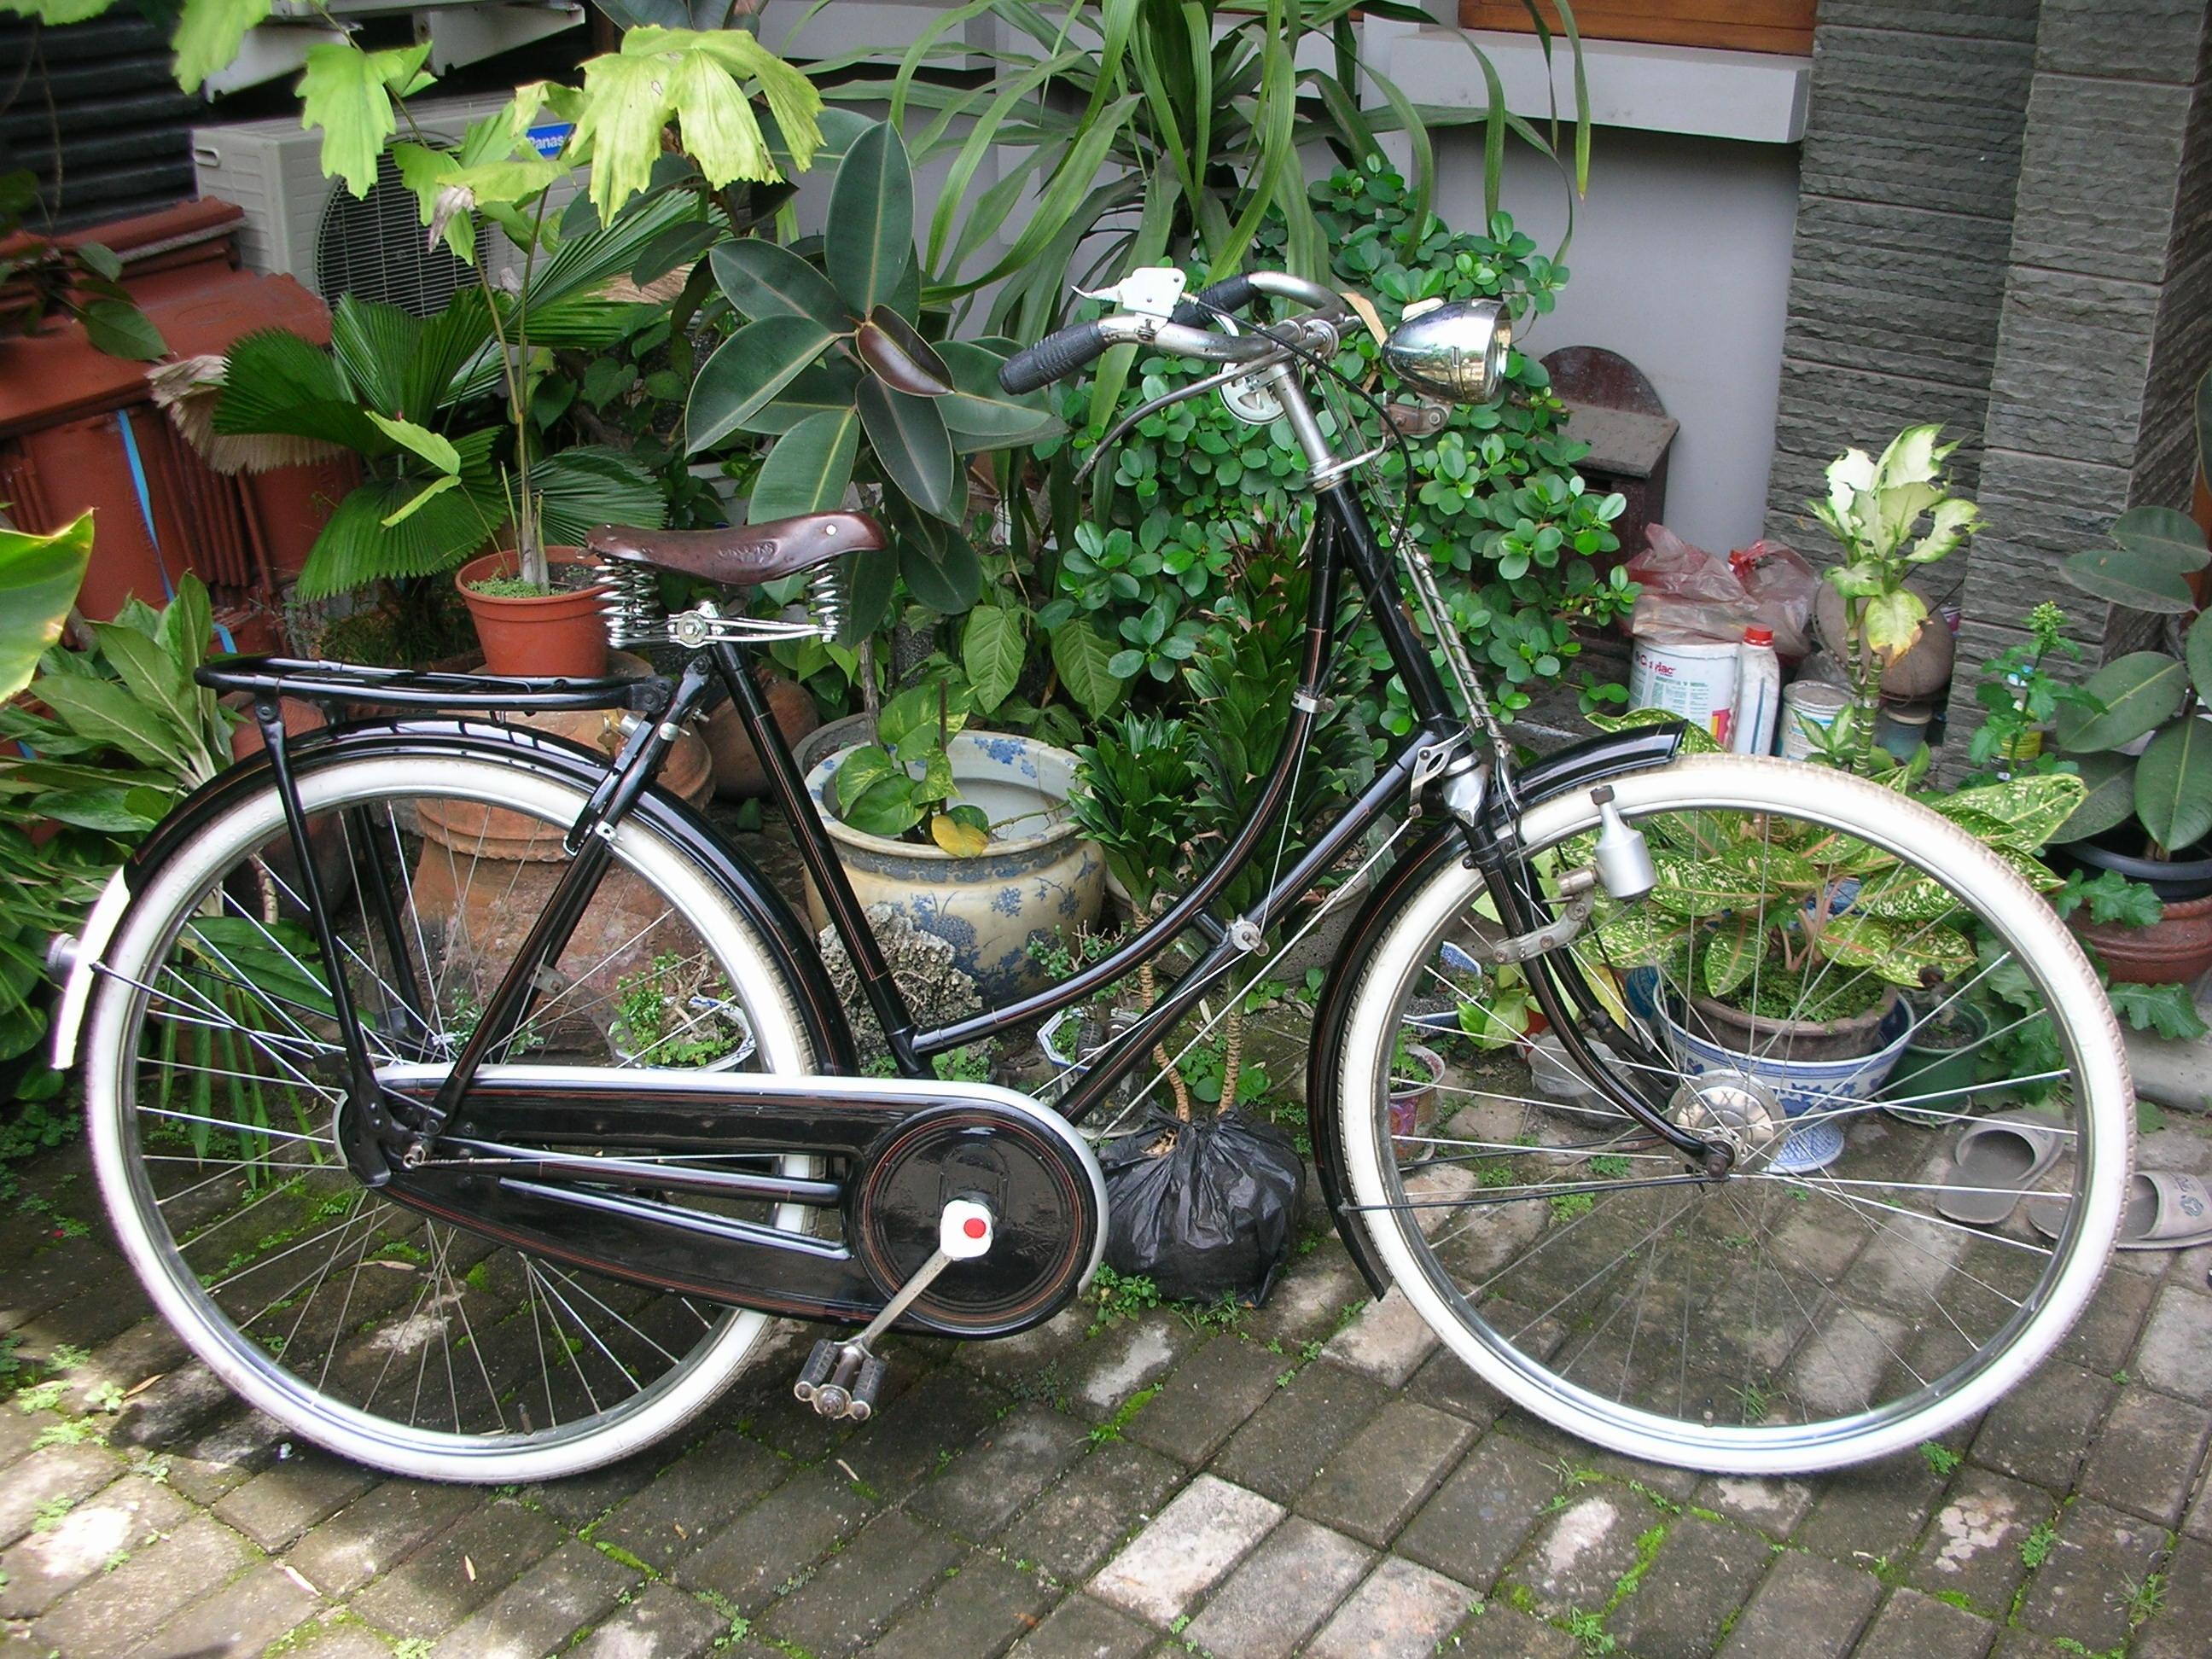 Gambar Sepeda Ontel Modifikasi Terlengkap Kumpulan